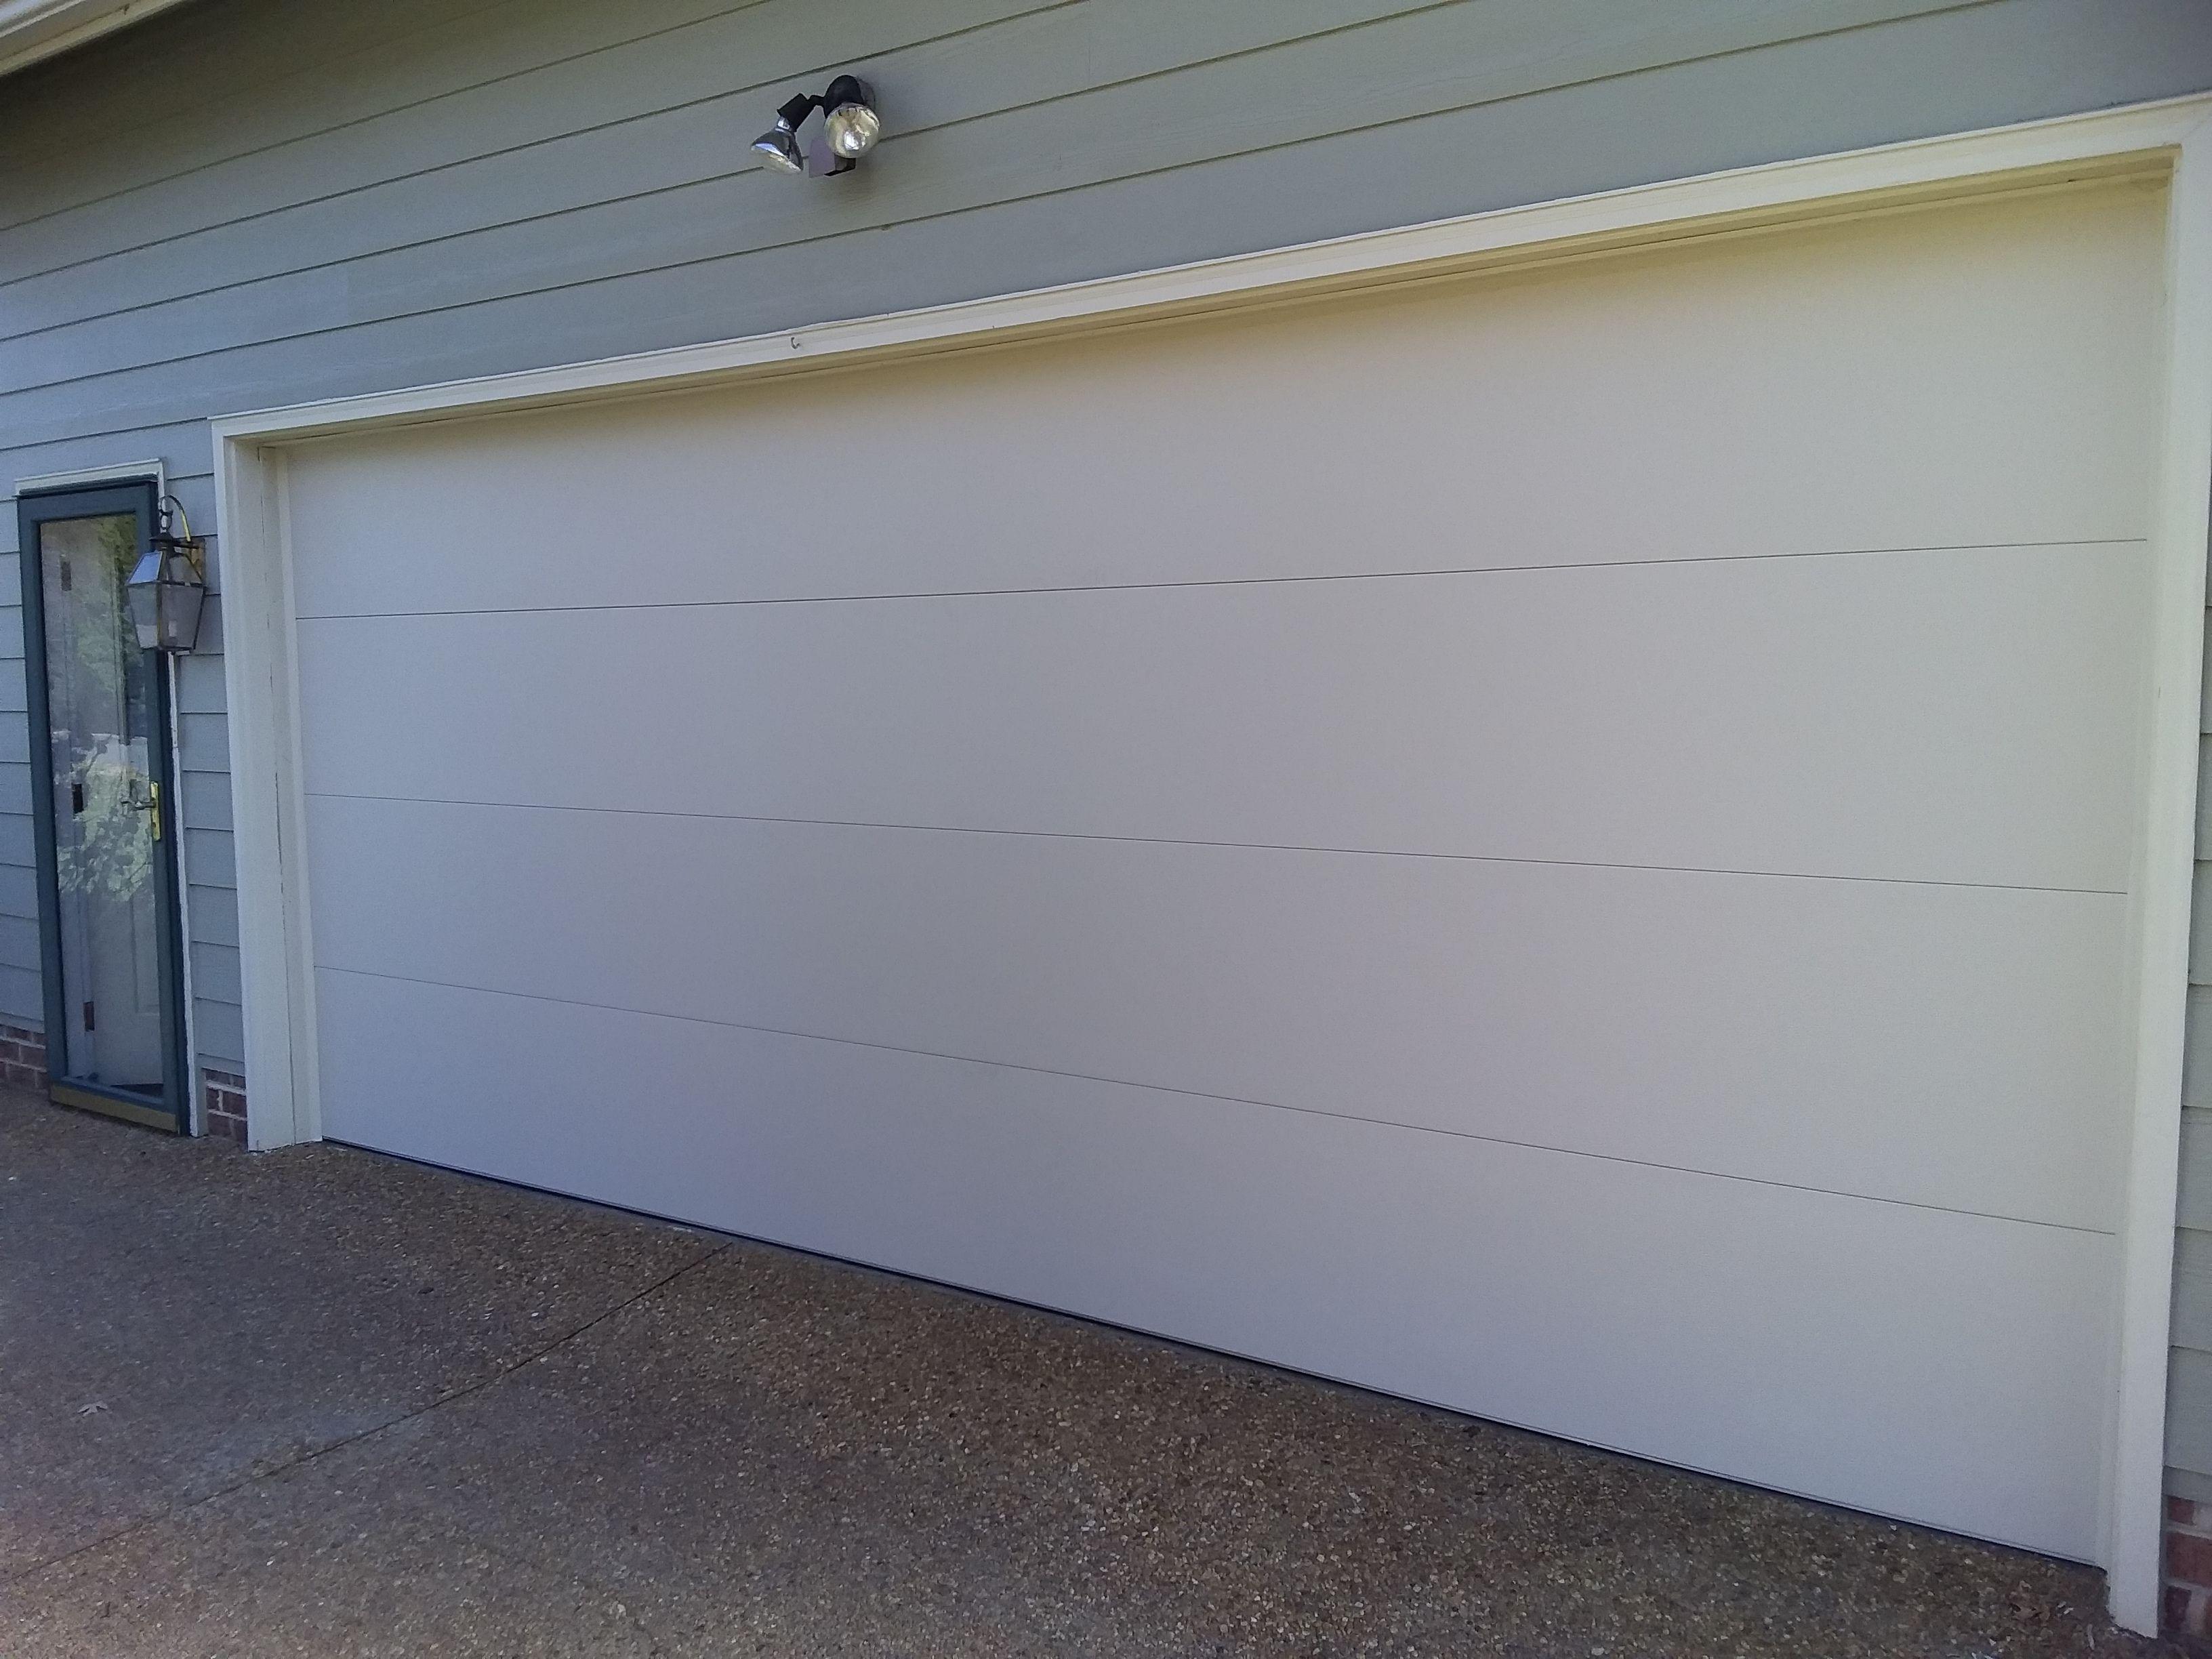 16x7 Model 2217 Flush Almond Garage Door Installed By The Richmond Store Teamappledoor Garage Doors Door Installation Doors